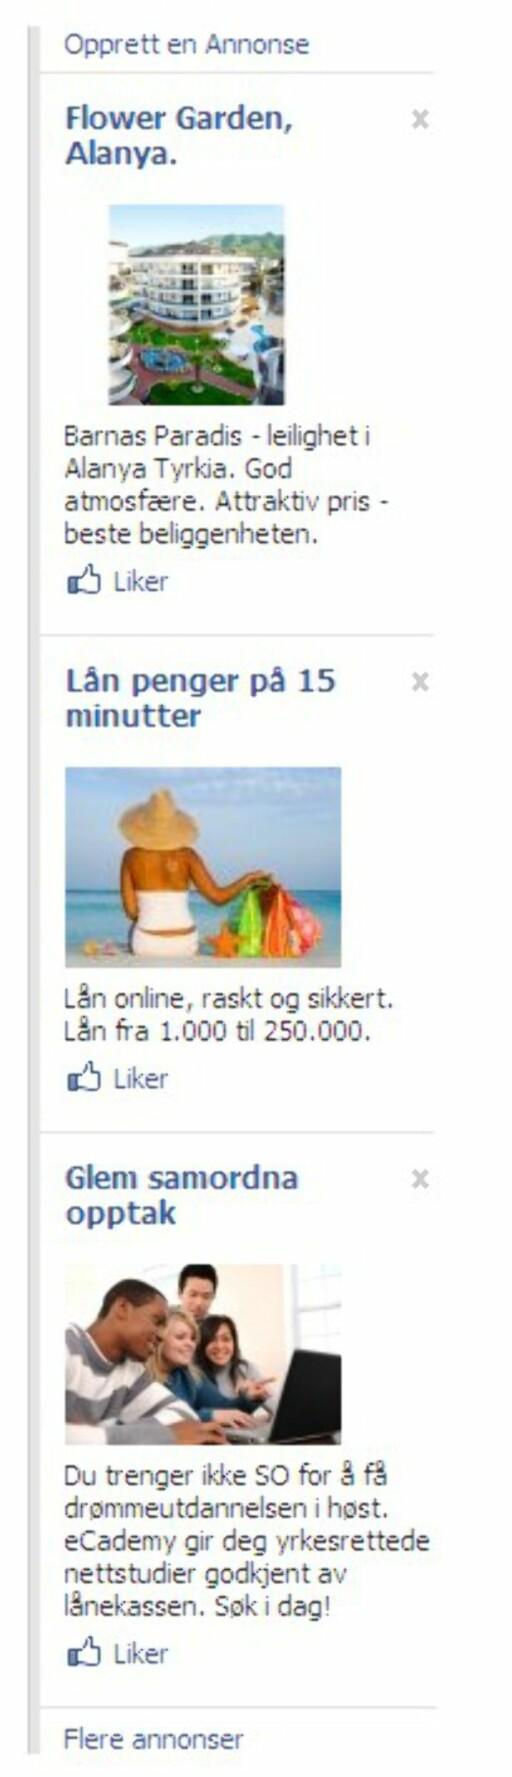 Eksempeler på annonser du møter på Facebook hvis du logger deg på nettsamfunnet.